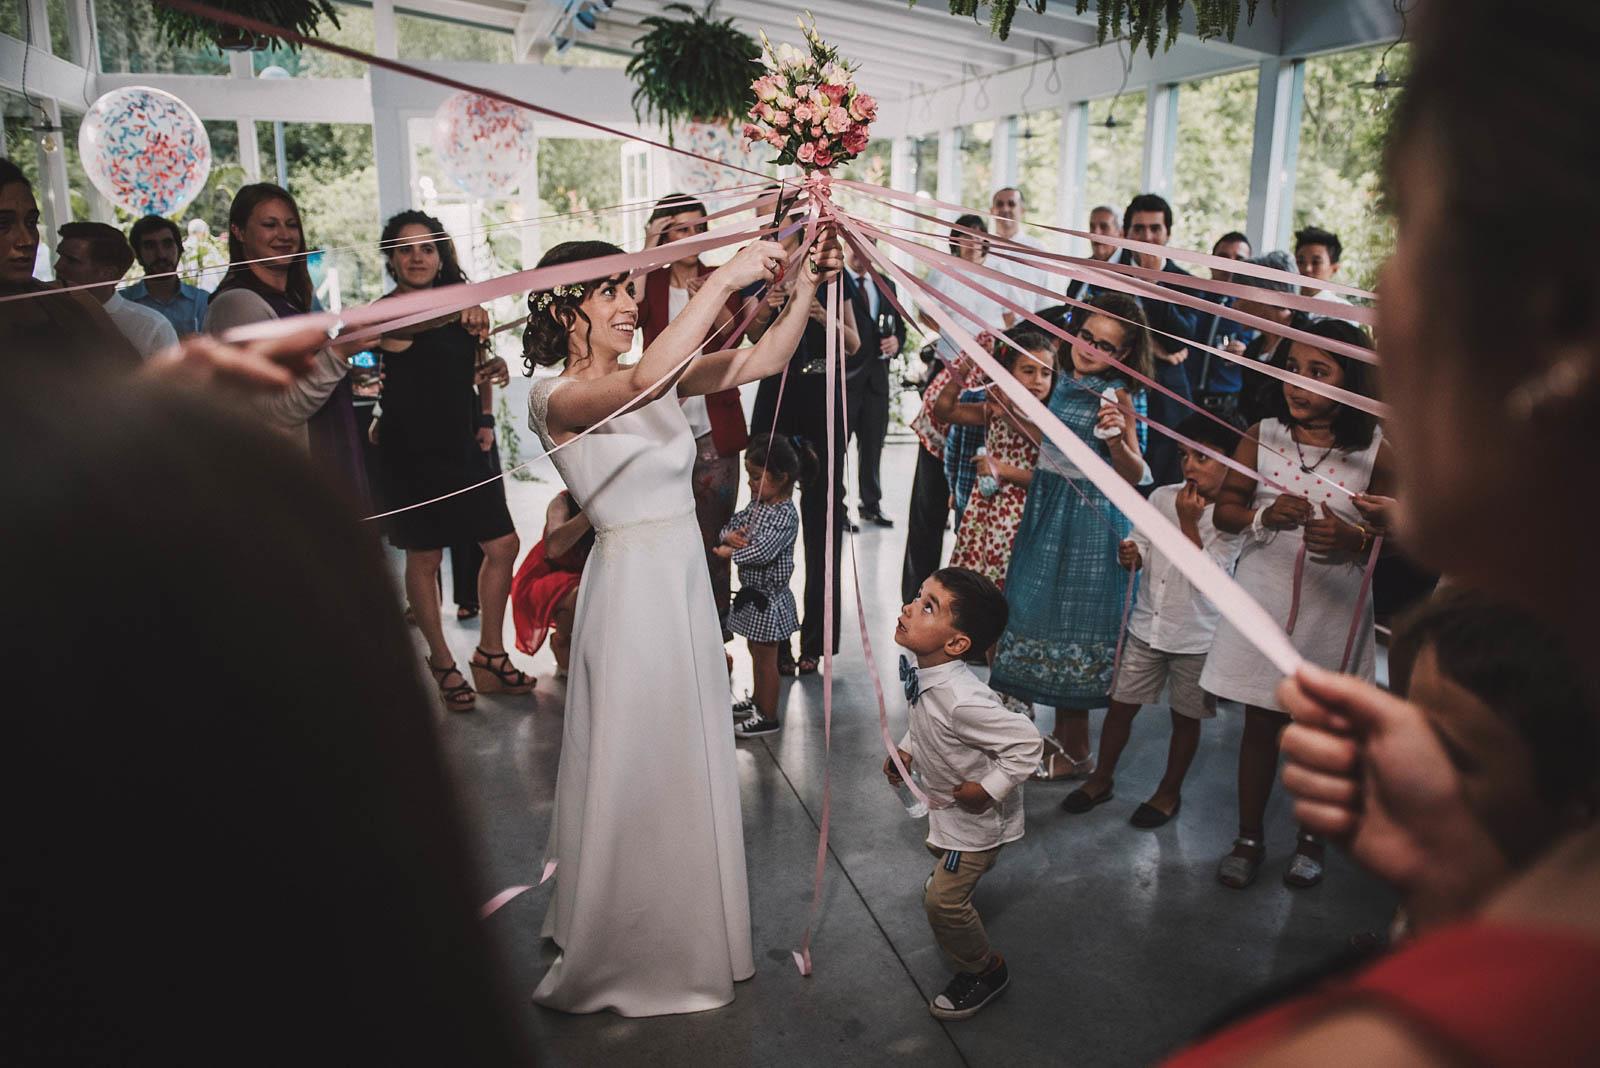 Entrega del ramo de novia, conmemora wedding planner